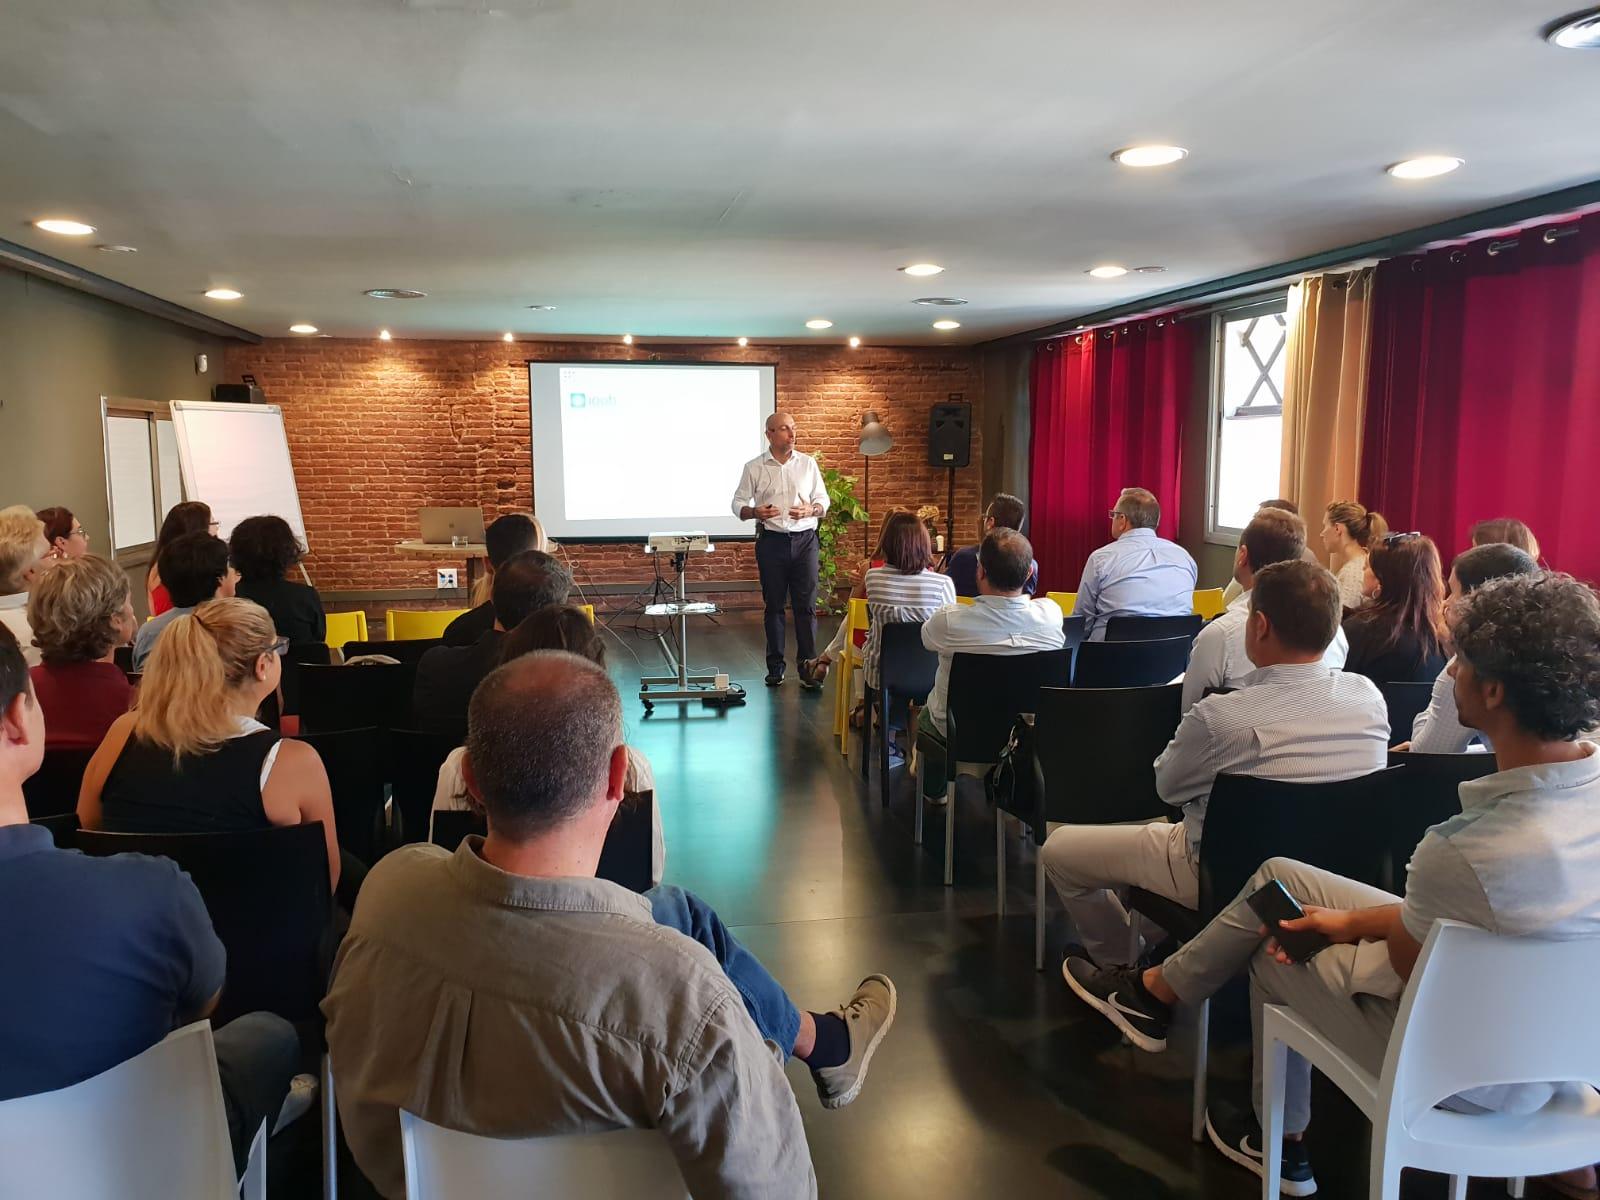 Les claus de la conferència d'Andoni Rodríguez, del pròxim 21/05 a Mataró